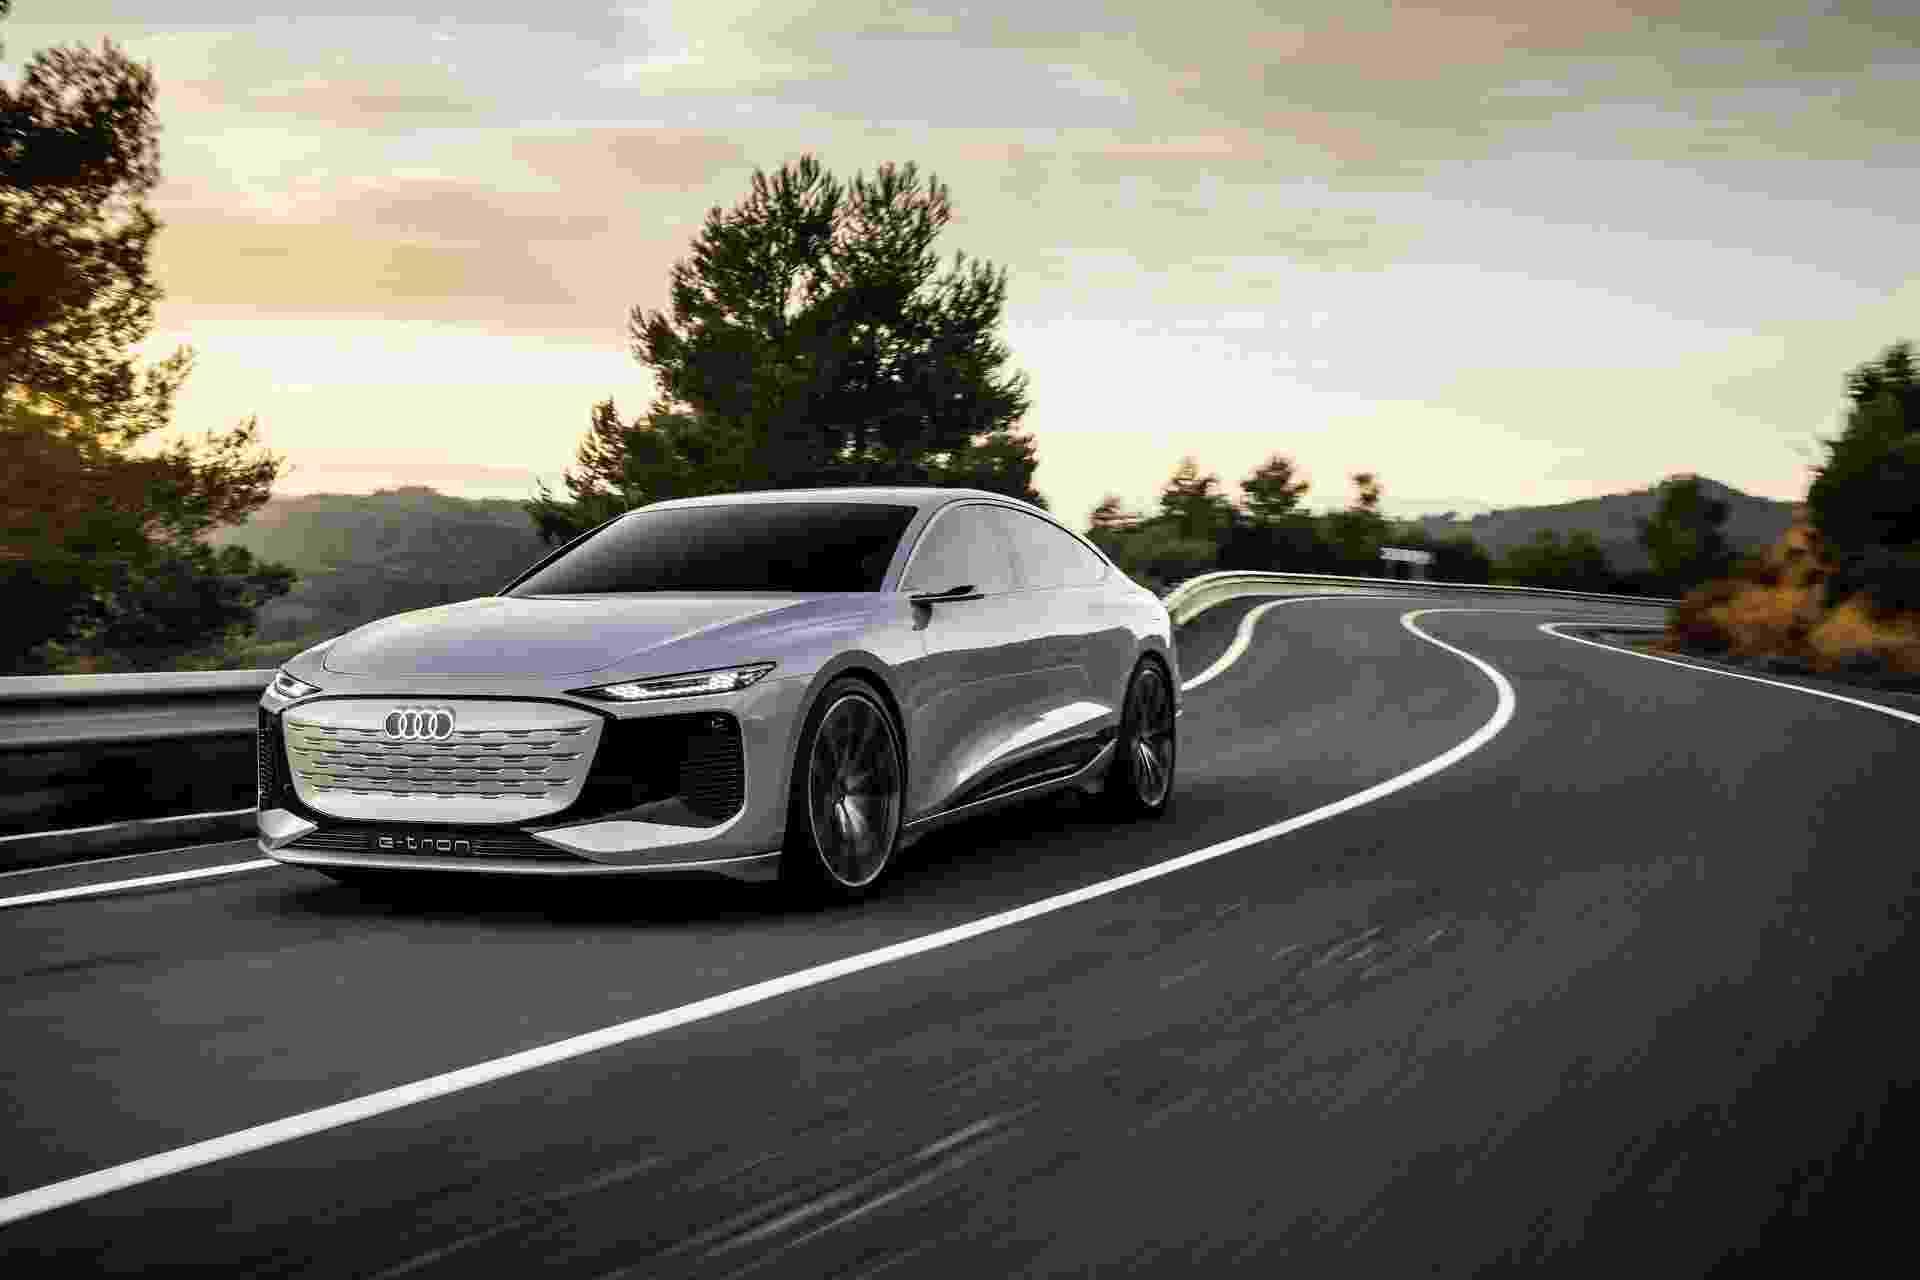 Audi A6 e-tron conceito - Divulgação